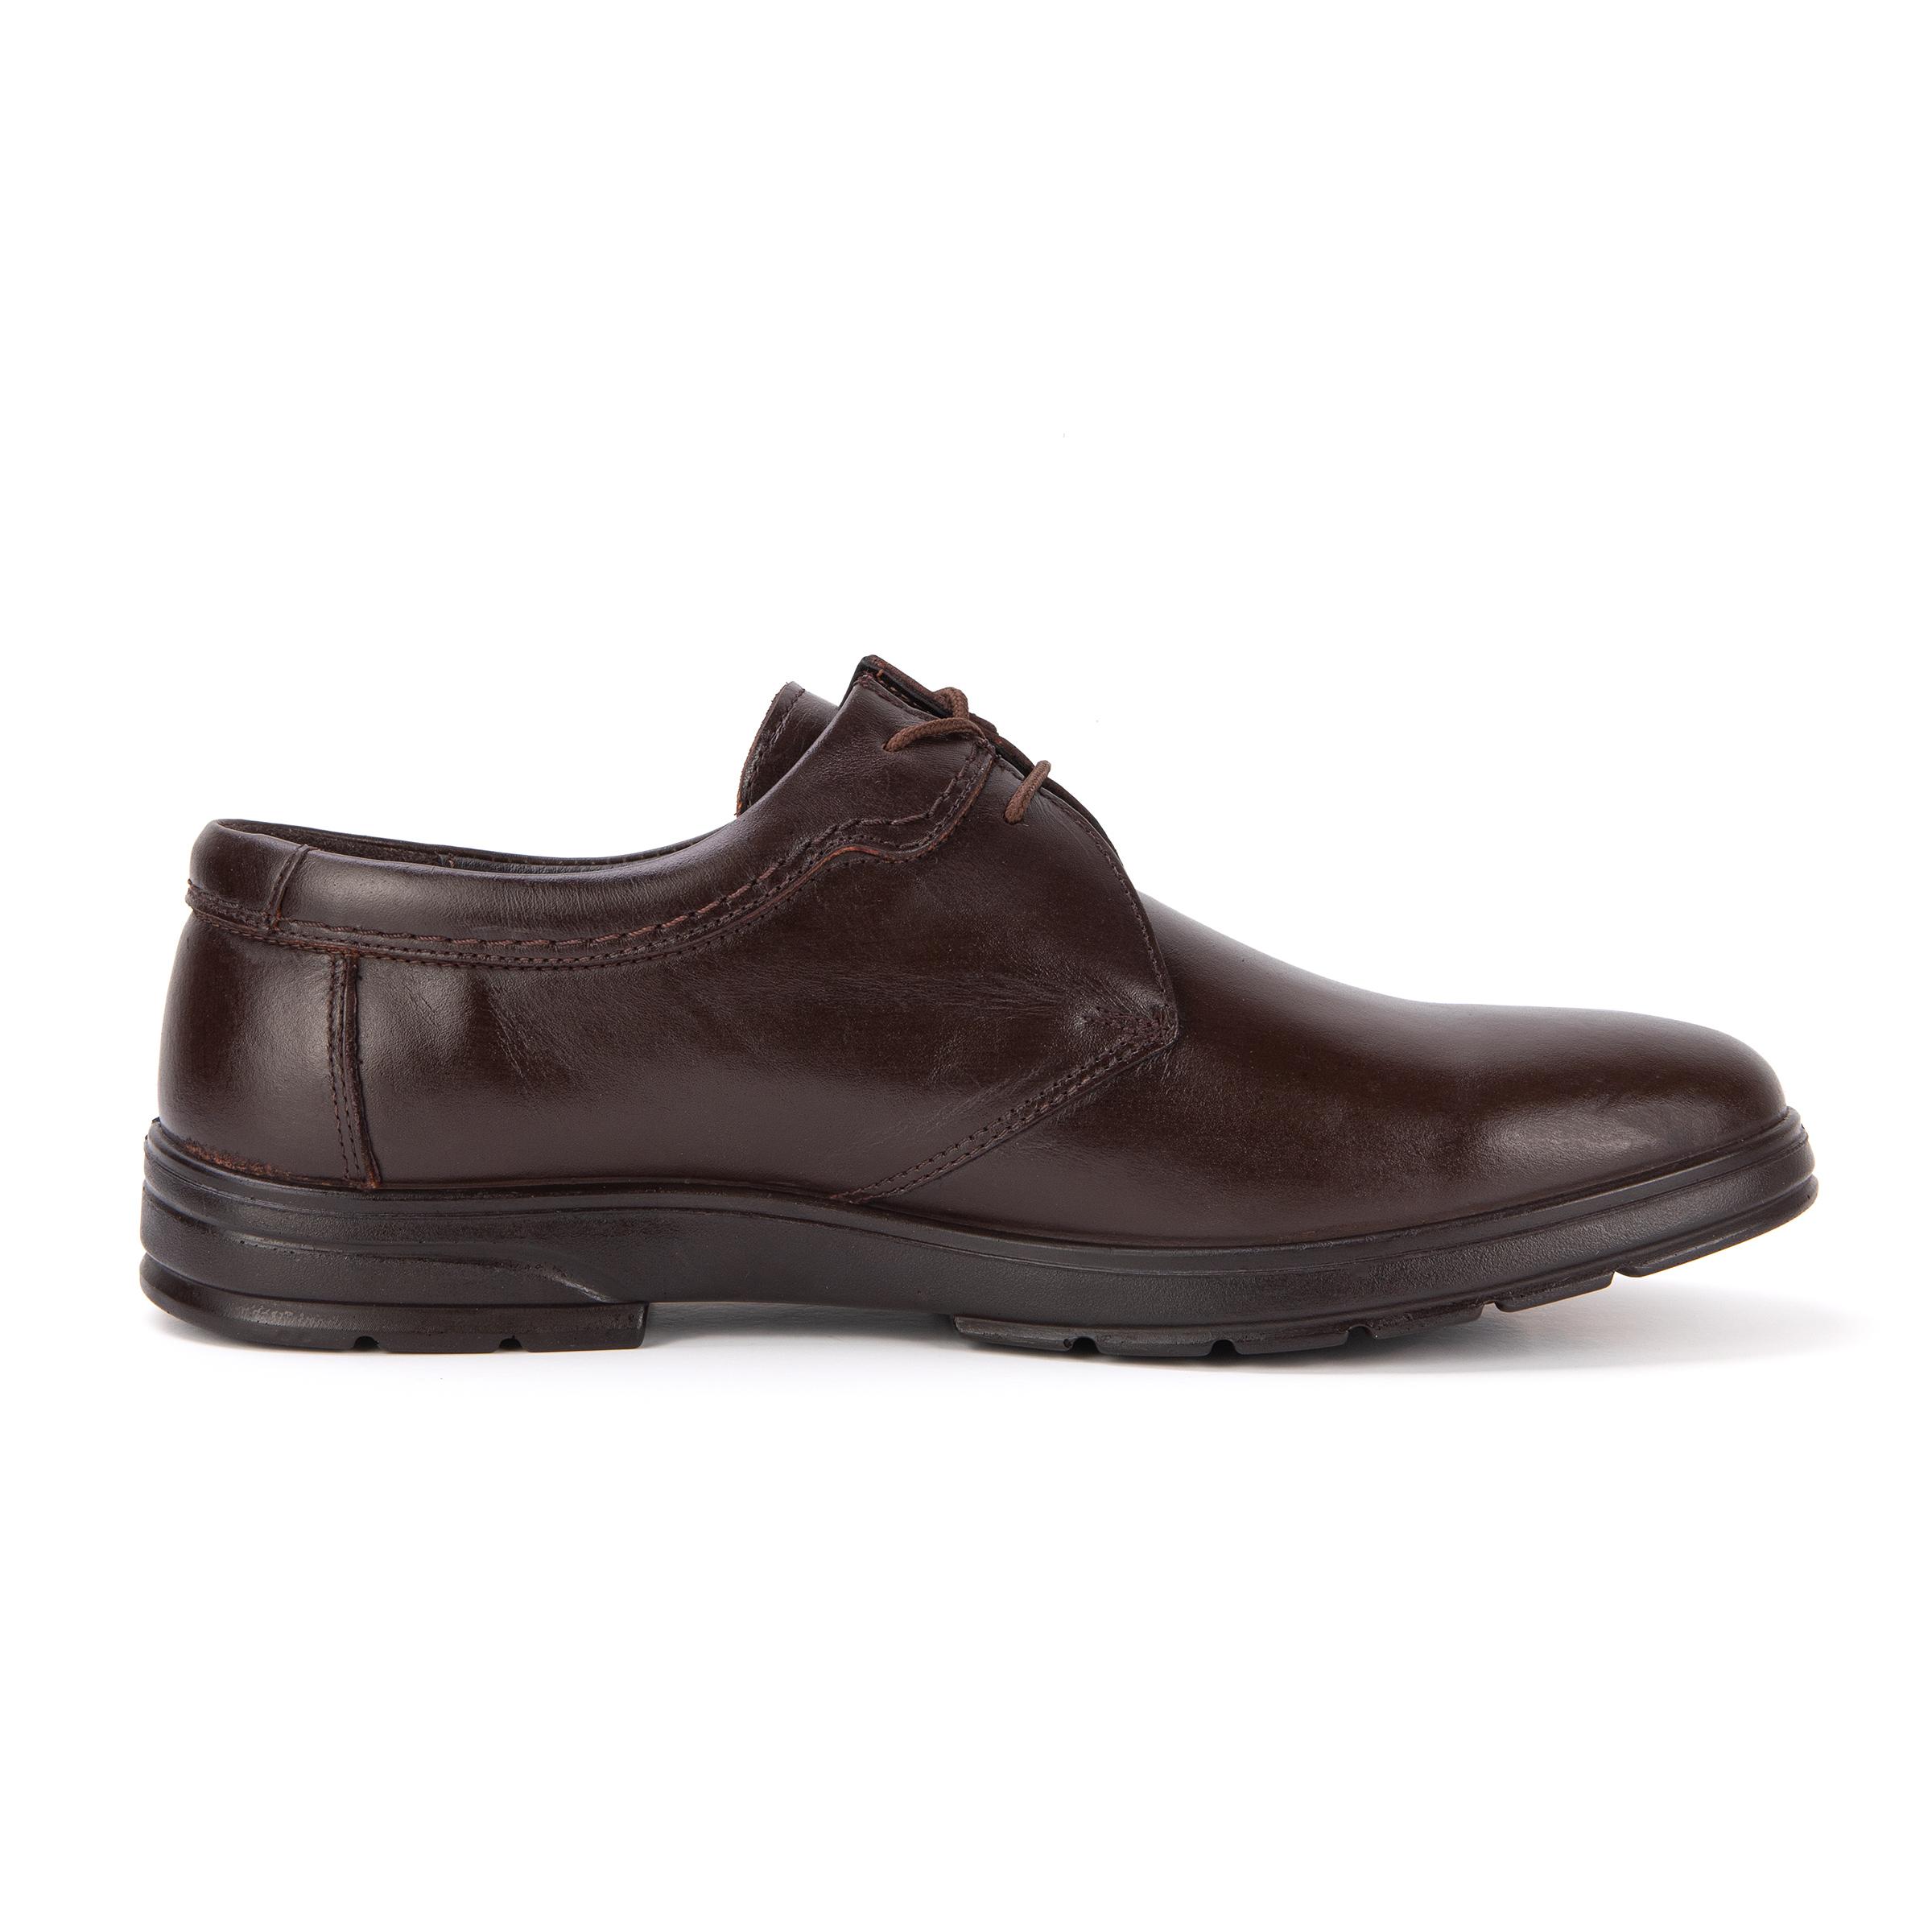 قیمت خرید کفش روزمره مردانه شوپا مدل br-111 رنگ قهوهای اورجینال